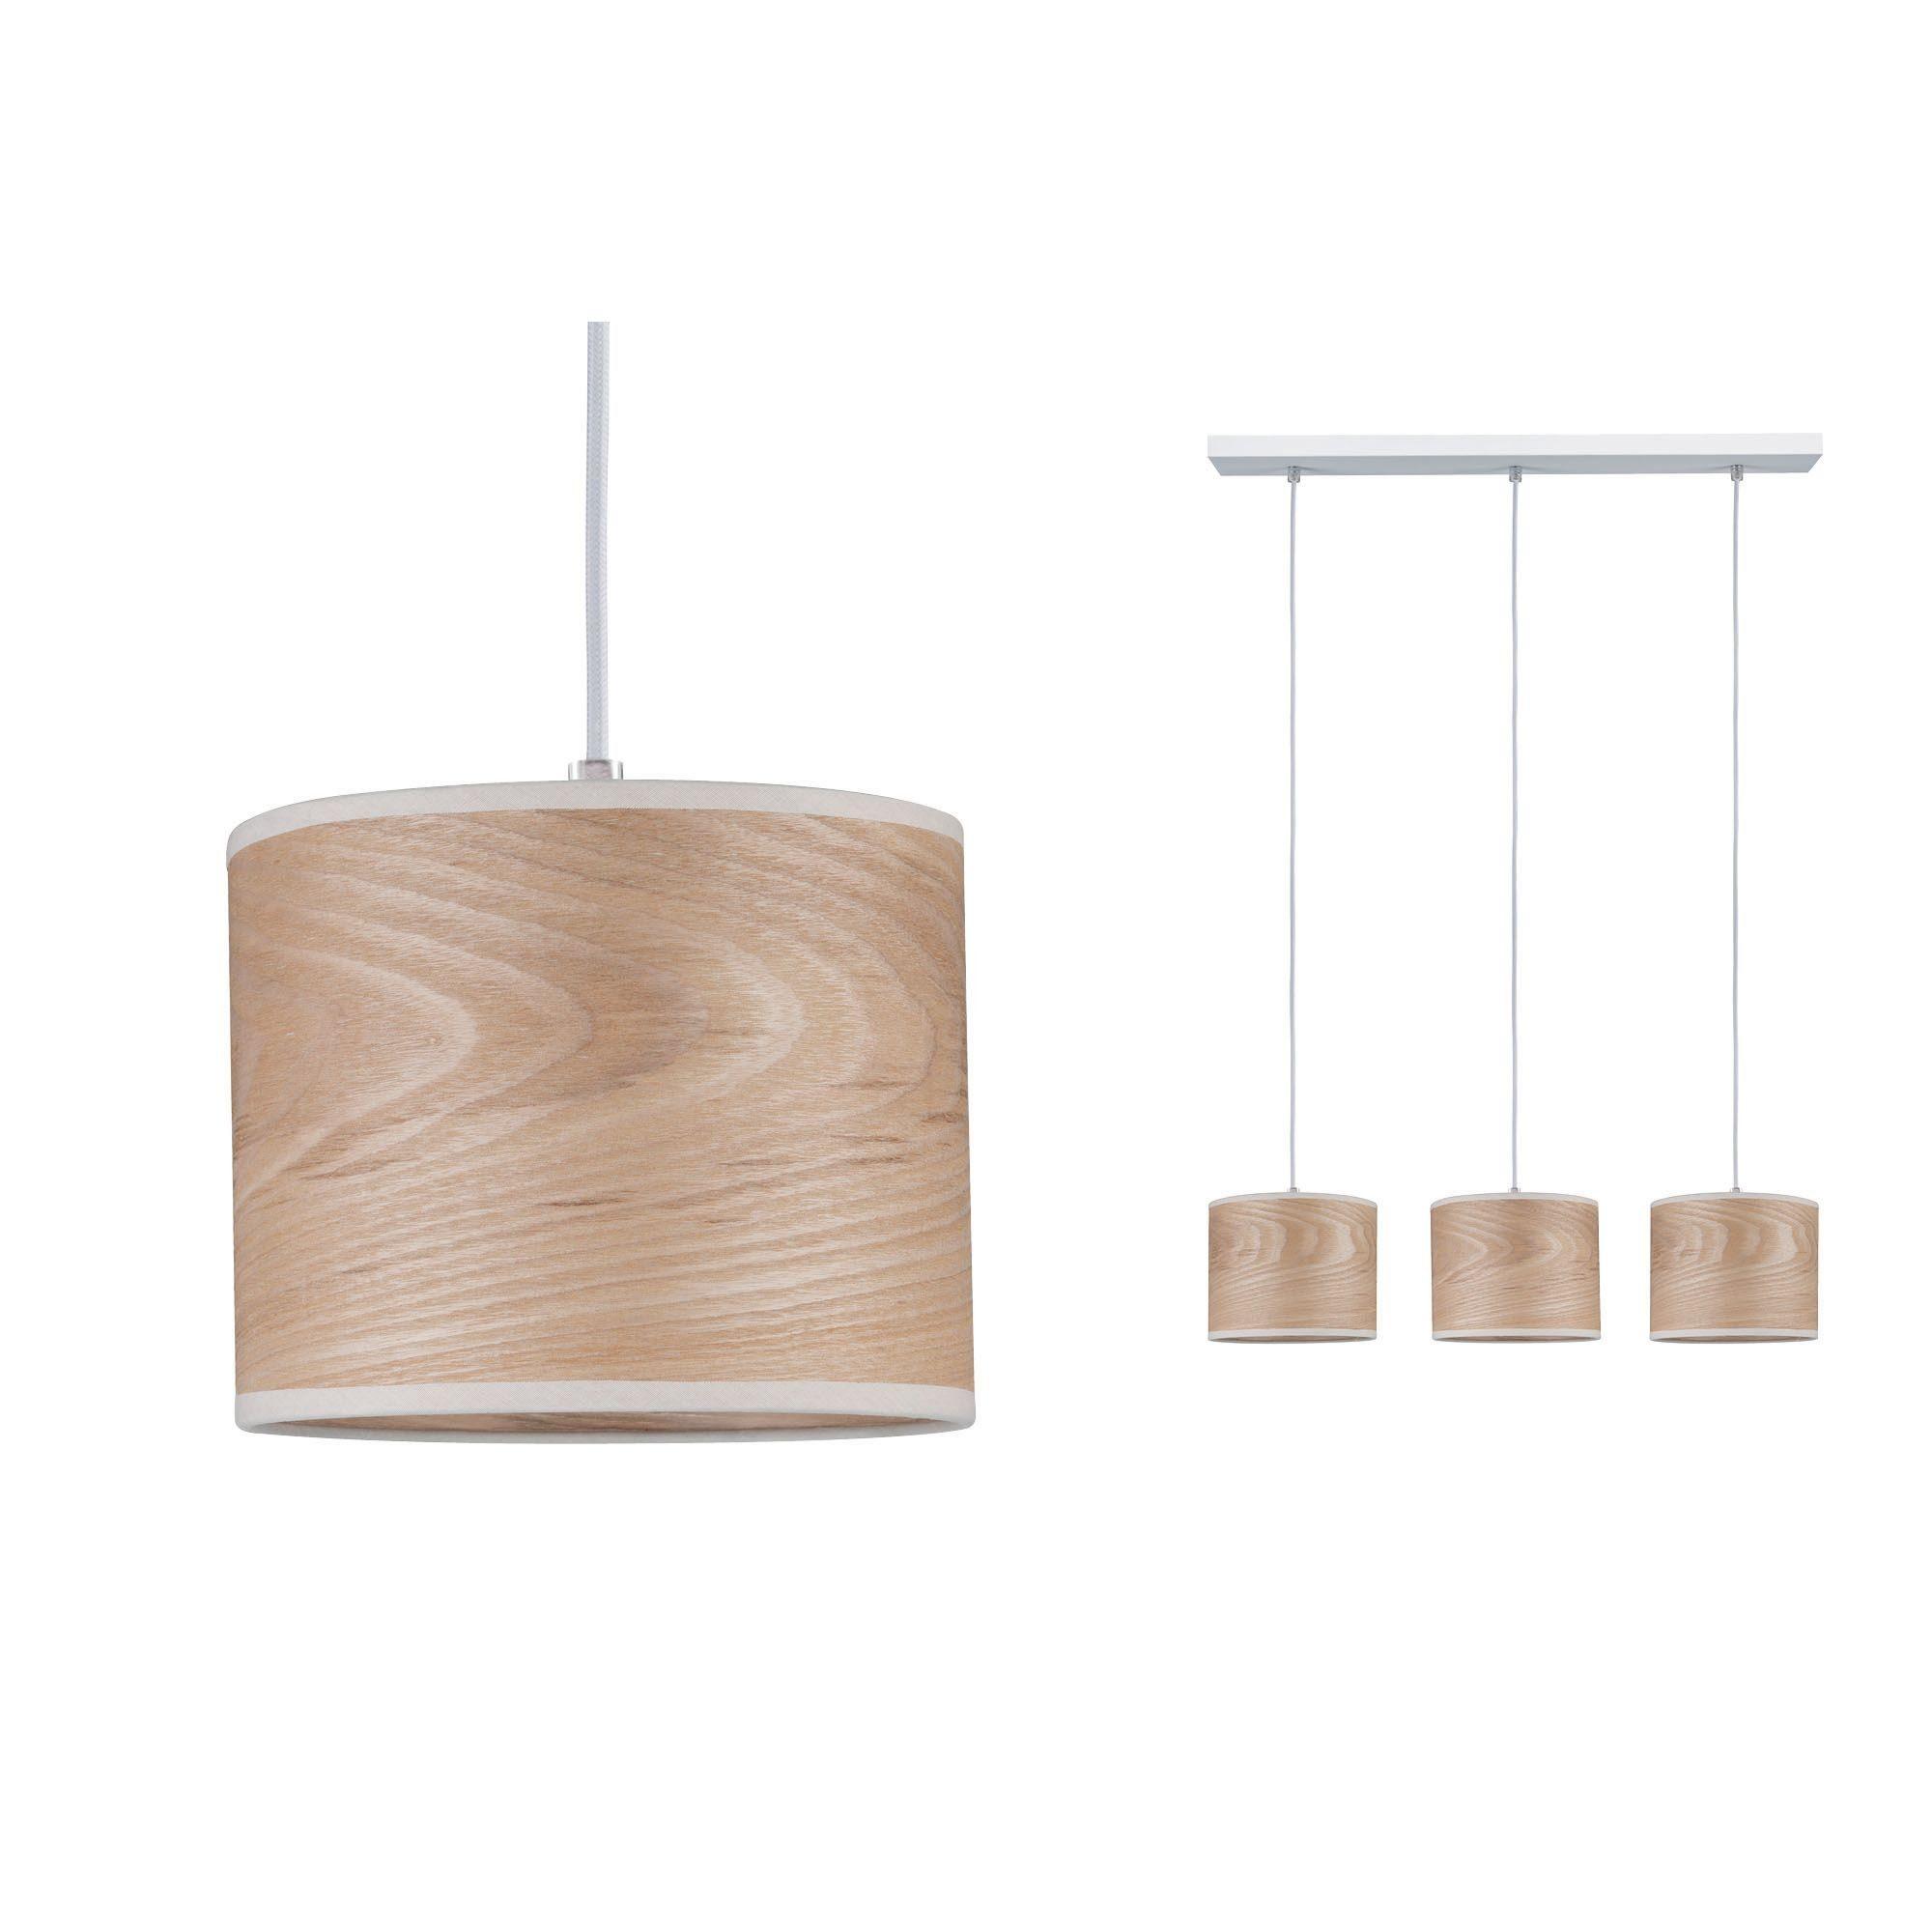 Paulmann LED Pendelleuchte Neordic Neta Weiß/Holz, E27, 1 St.